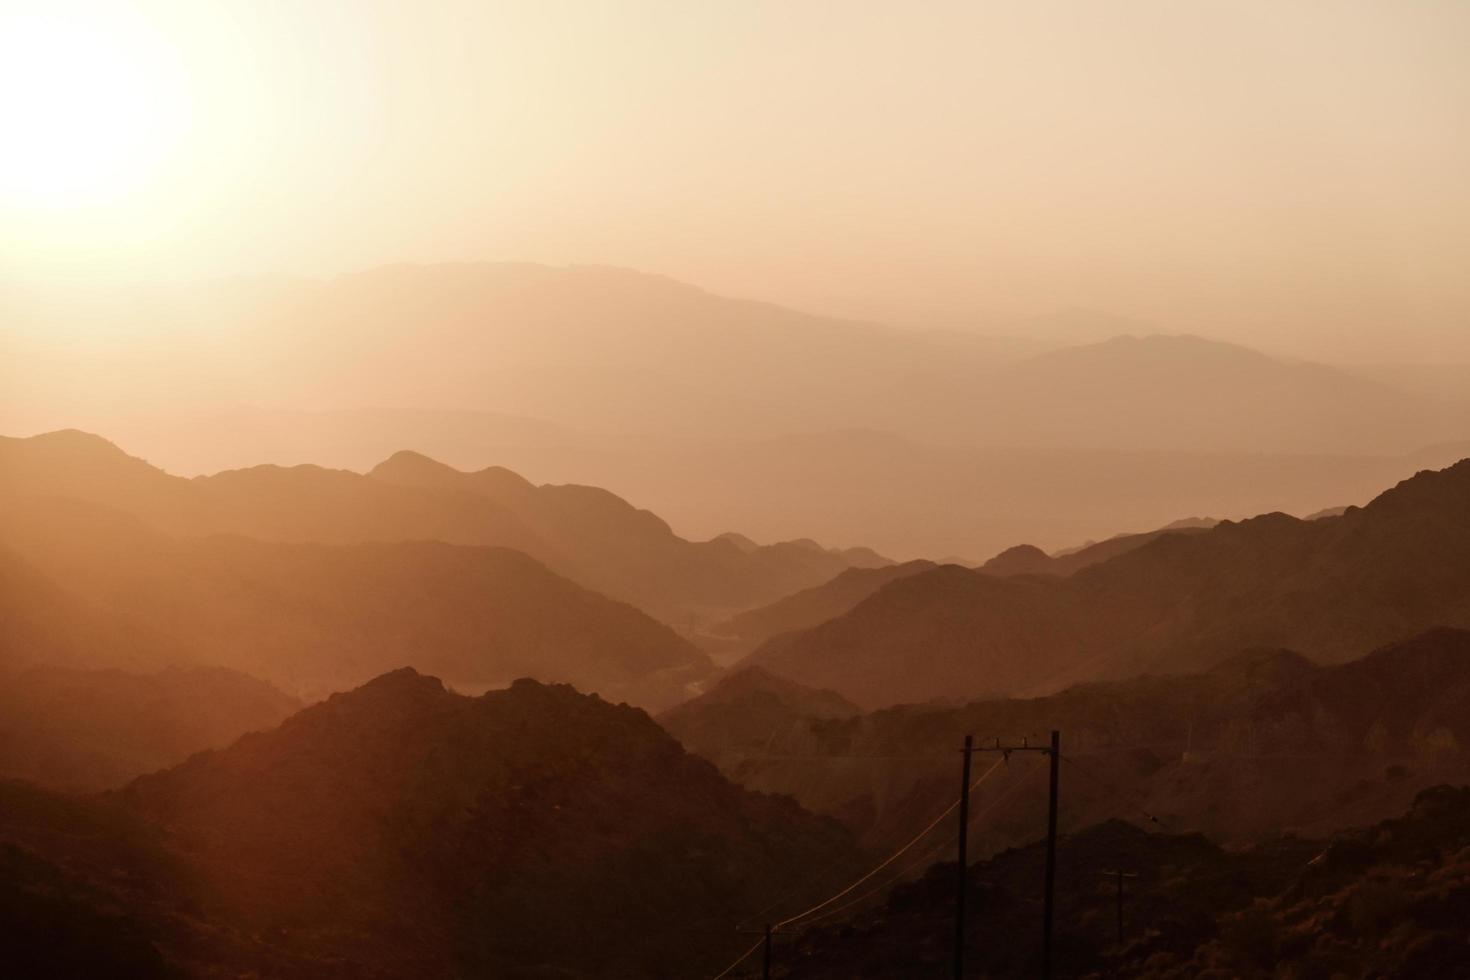 Sonnenuntergang über Schichten von Gebirgszug foto